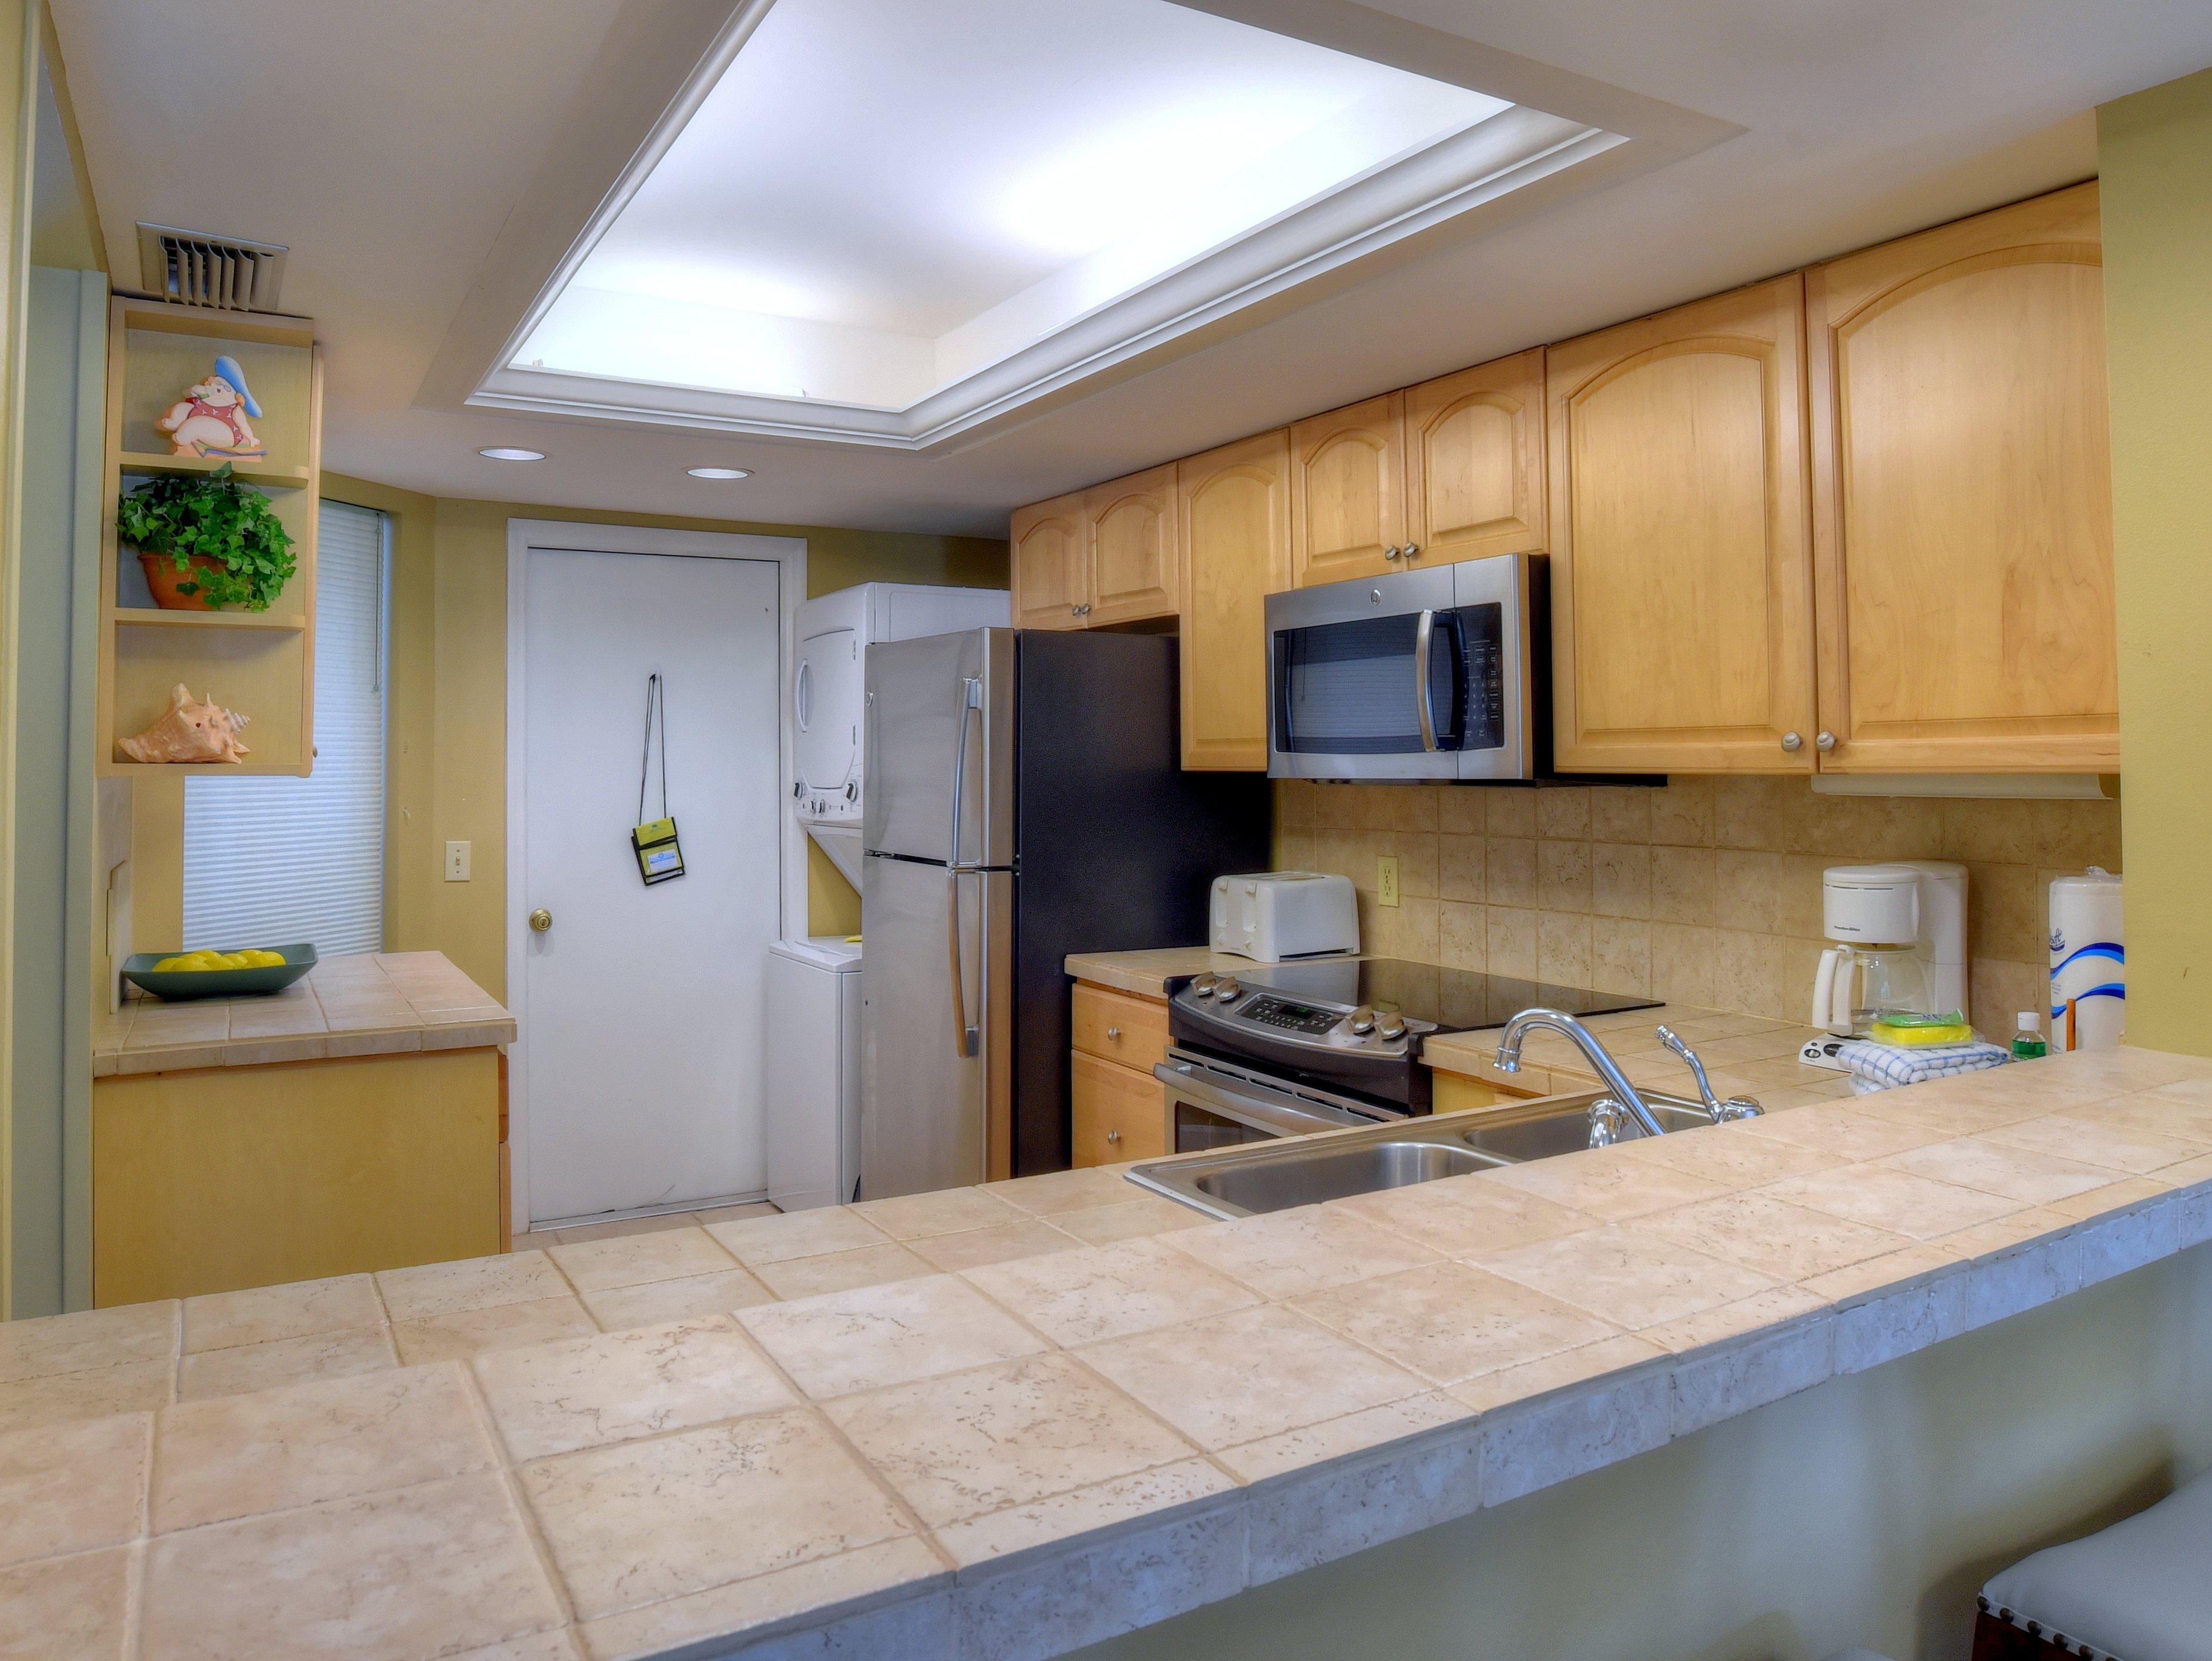 285 Fairways Condo rental in Sandestin Rentals ~ Cottages and Villas  in Destin Florida - #5